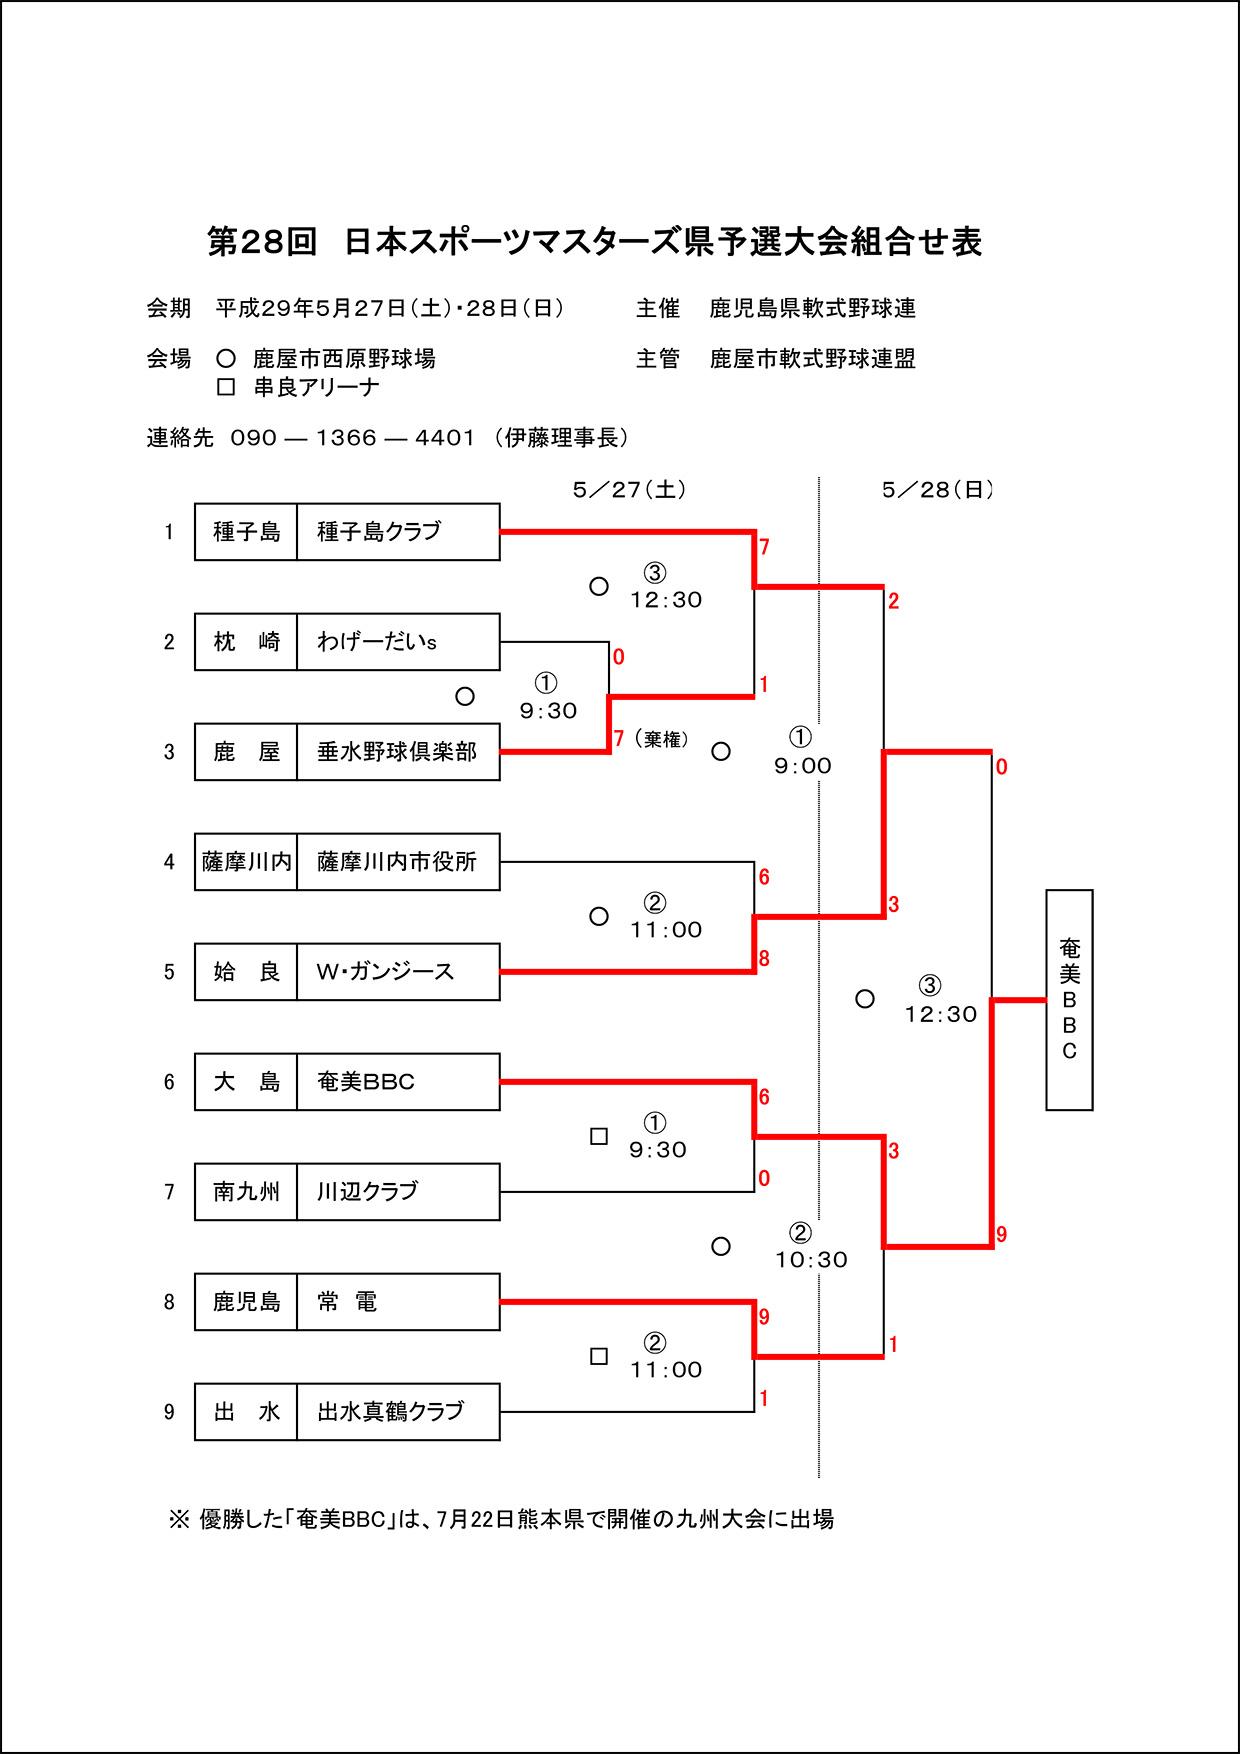 ▽【結果】第28回 日本スポーツマスターズ県予選大会組合せ表